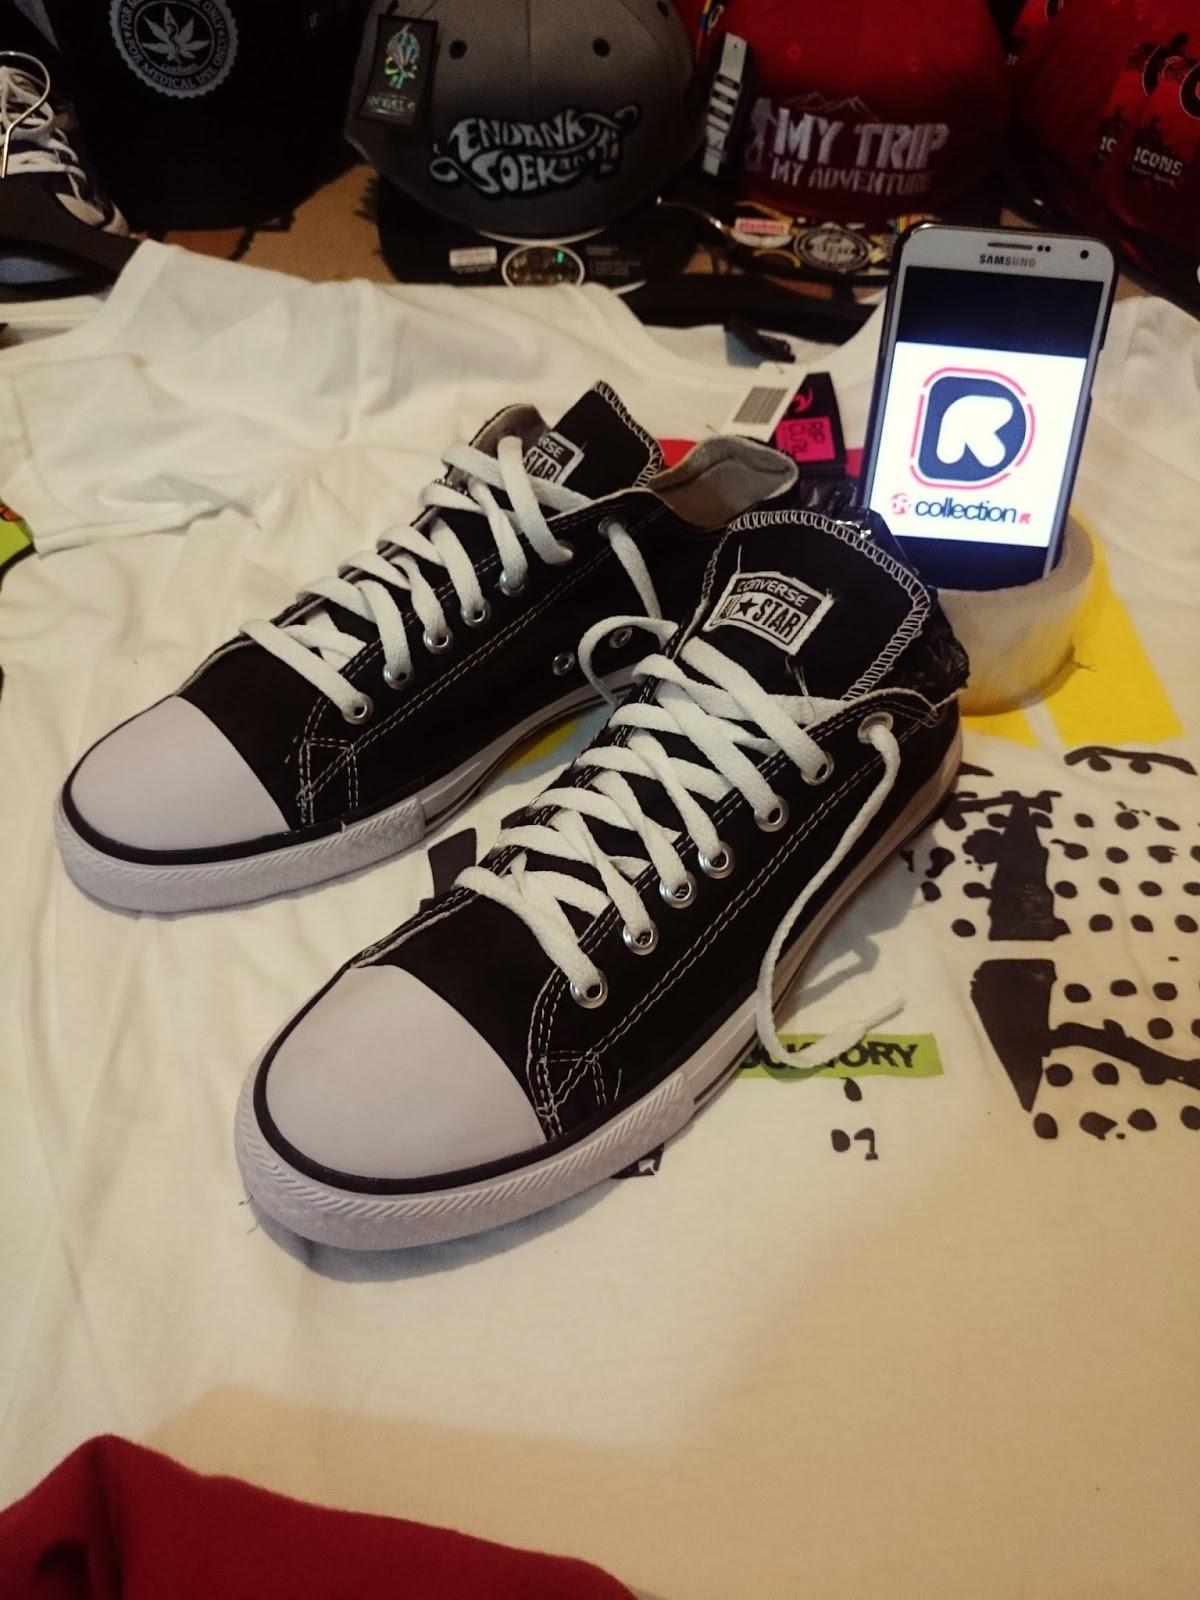 produk yang kami jual bermacam macam Salah satunya adalah Sepatu CONVERSE.  Kami jual sepatu Converse di surabaya dengan Harga terjangkau . jika anda  ... f156da7a8d